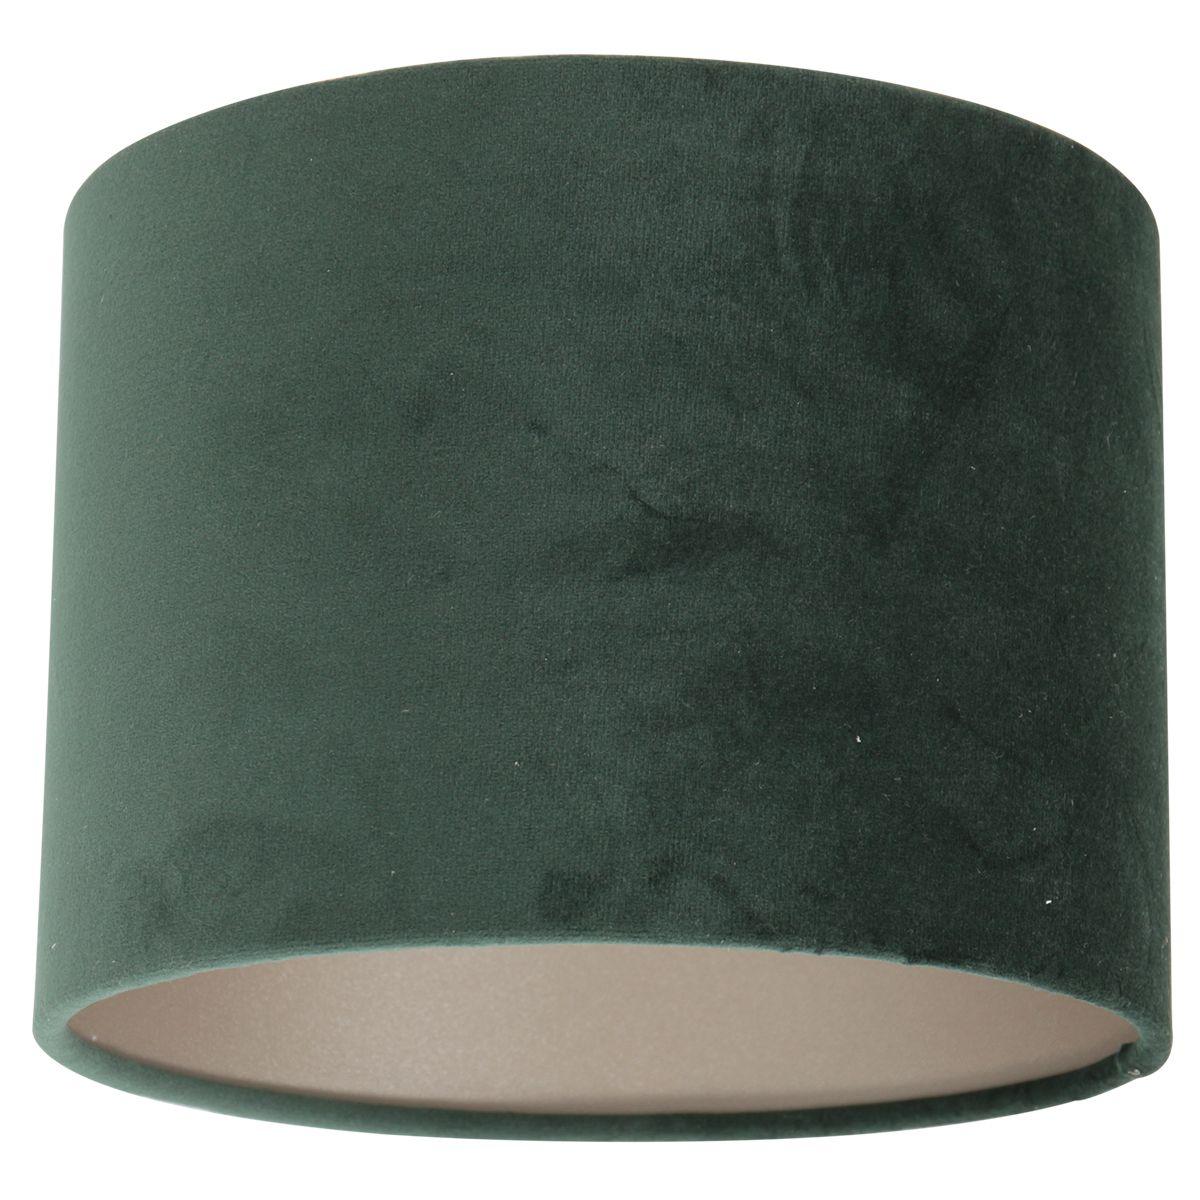 Steinhauer - Kap - lampenkap Ø 20 cm - velours groen